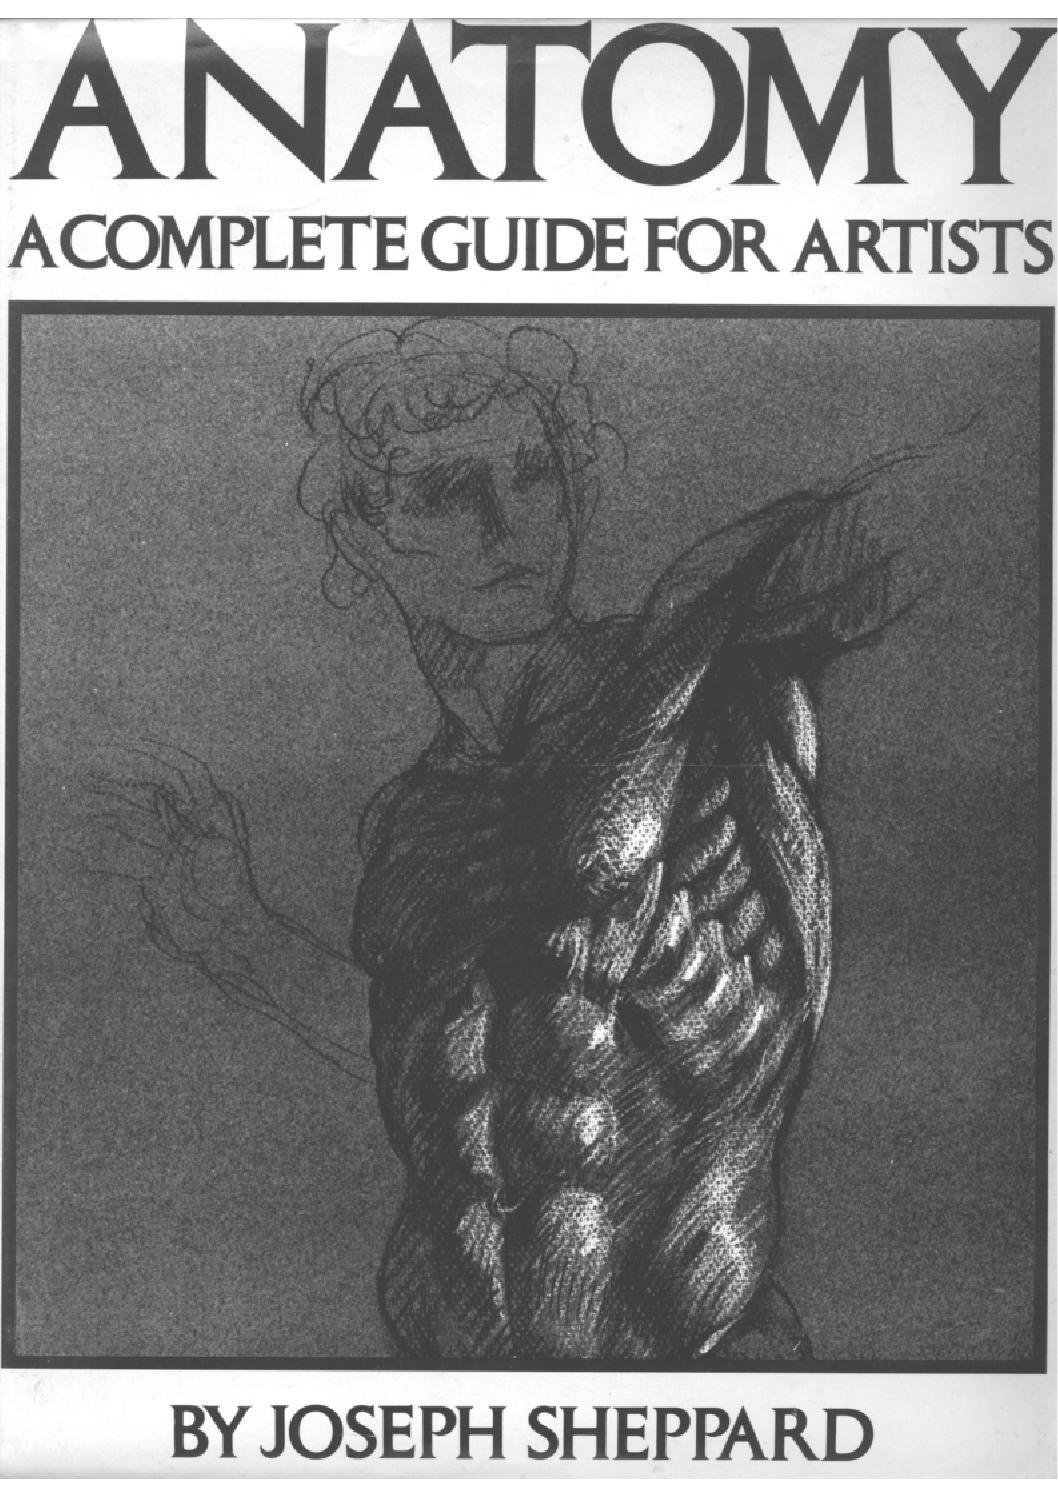 Joseph Sheppard - Anatomia Guia Completa para Artistas | Anatomía ...